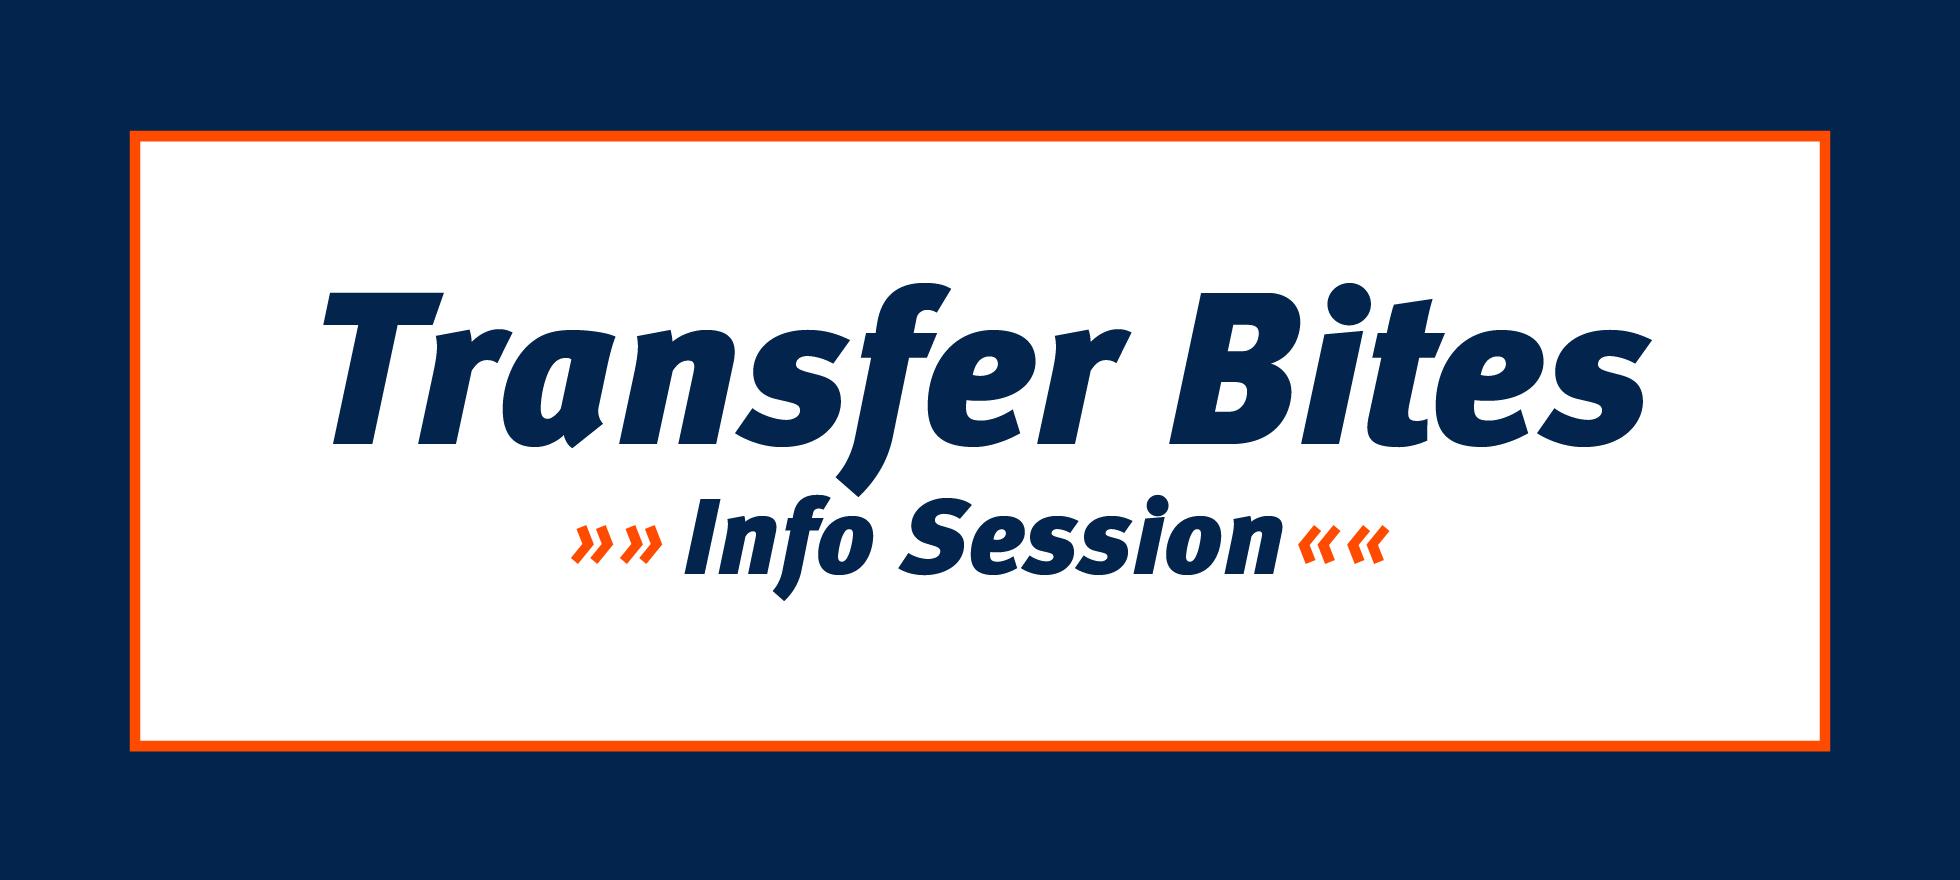 Transfer Bites Info Session